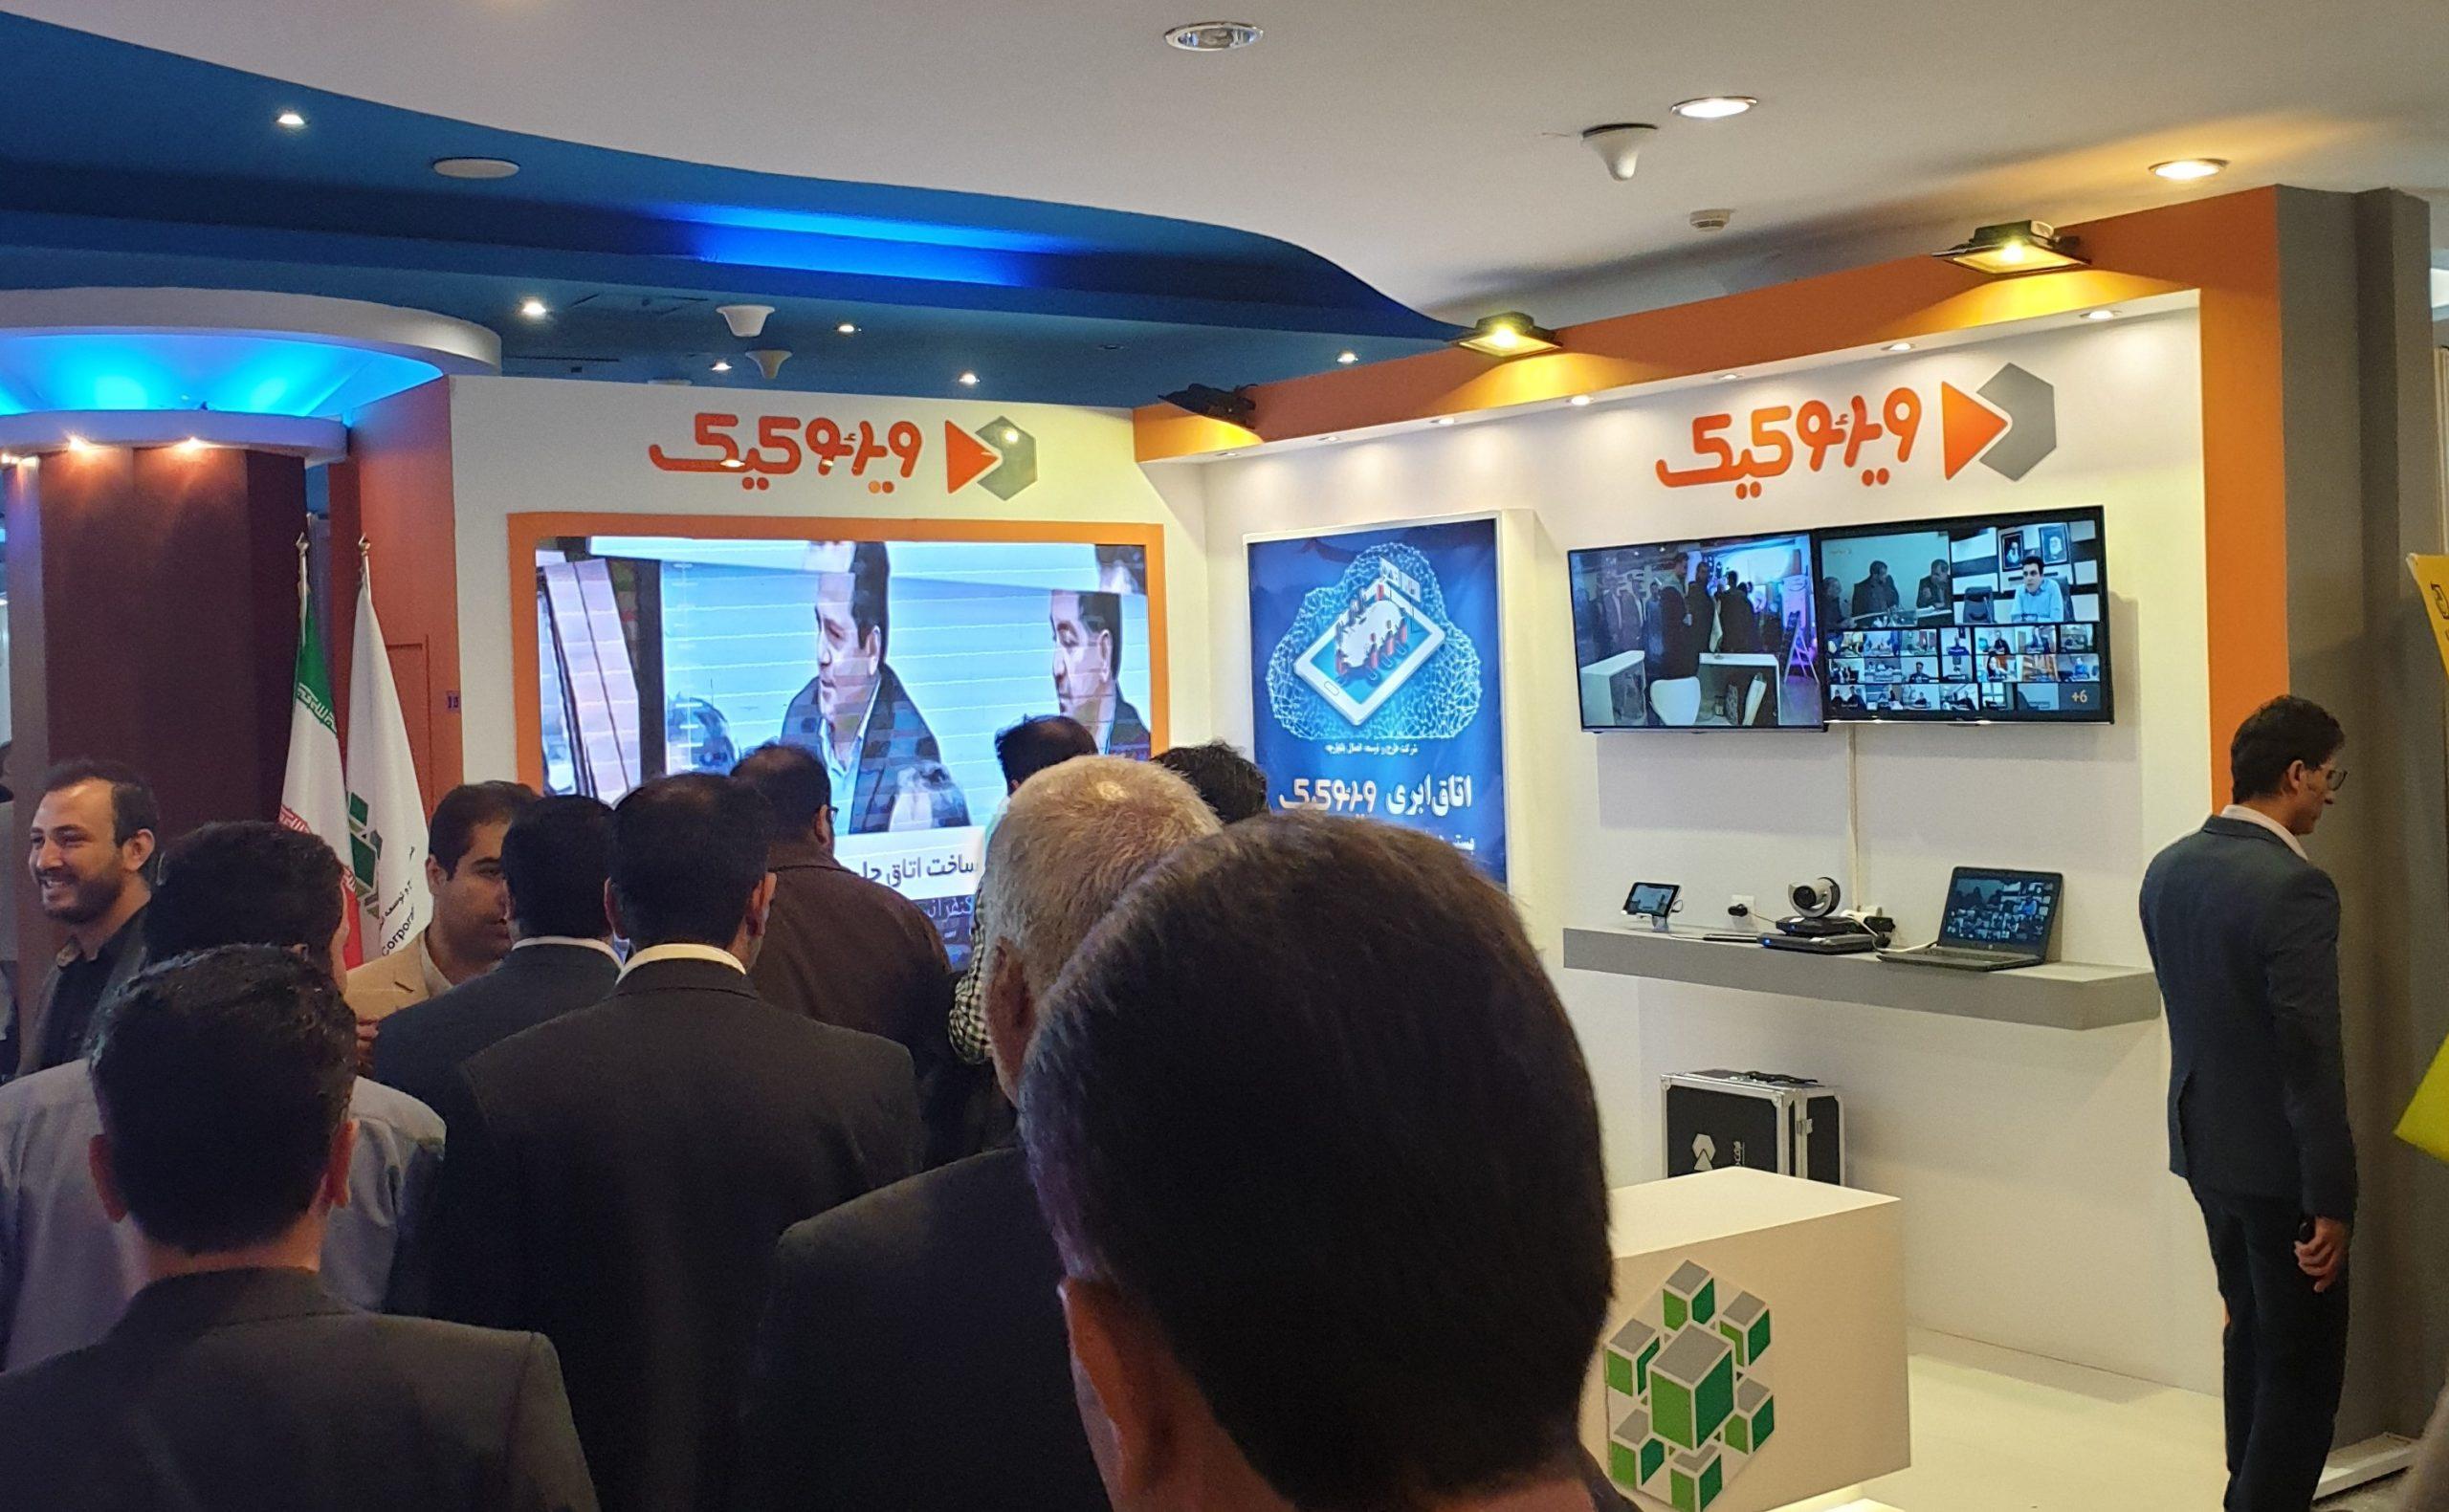 حضور اتصال یکپارچه در شانزدهمین اجلاس فناوریهای رسانه